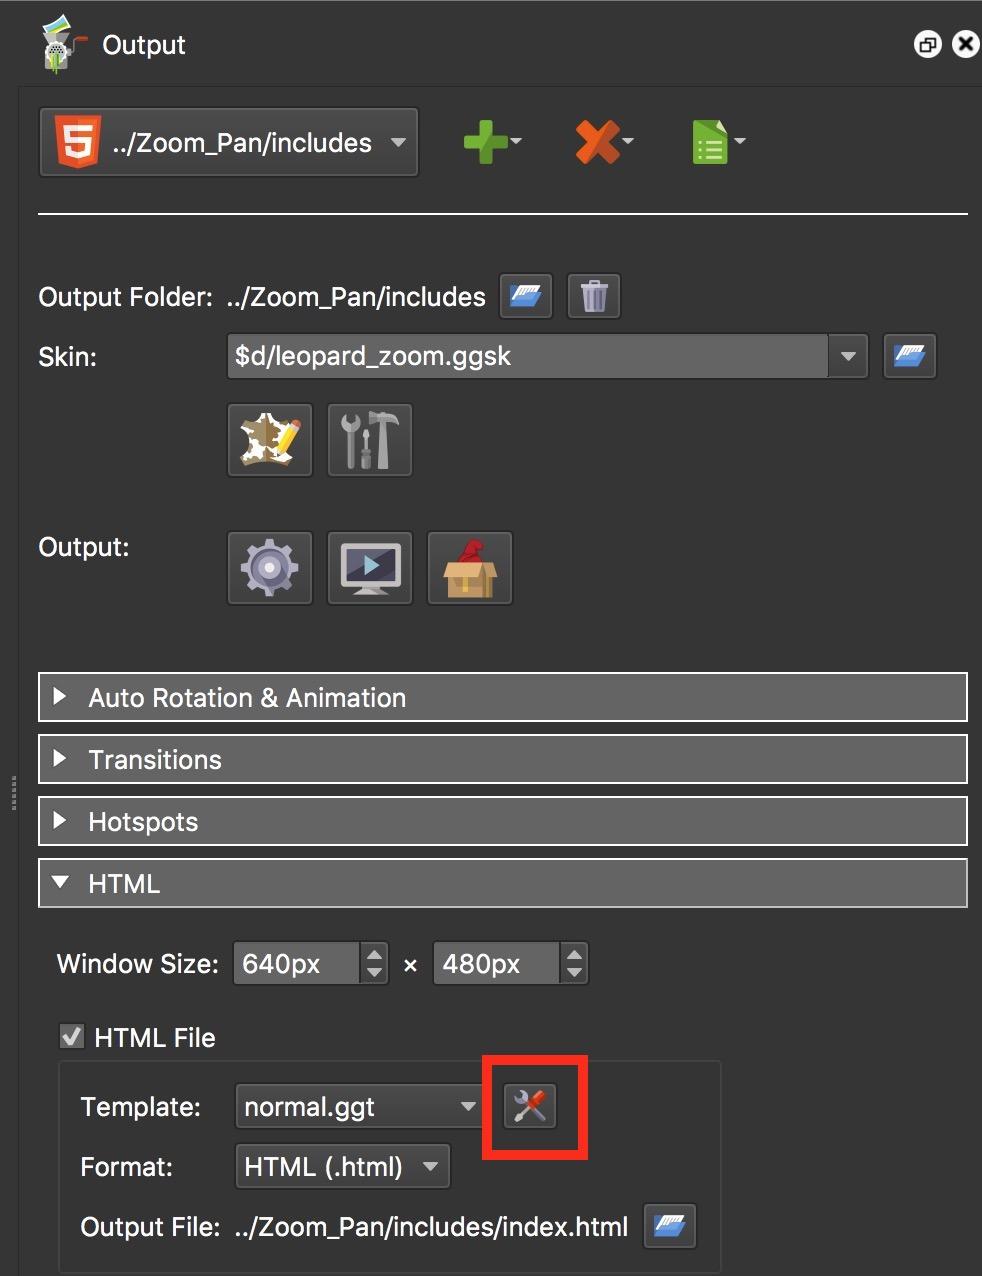 Figure #14: Edit Template button